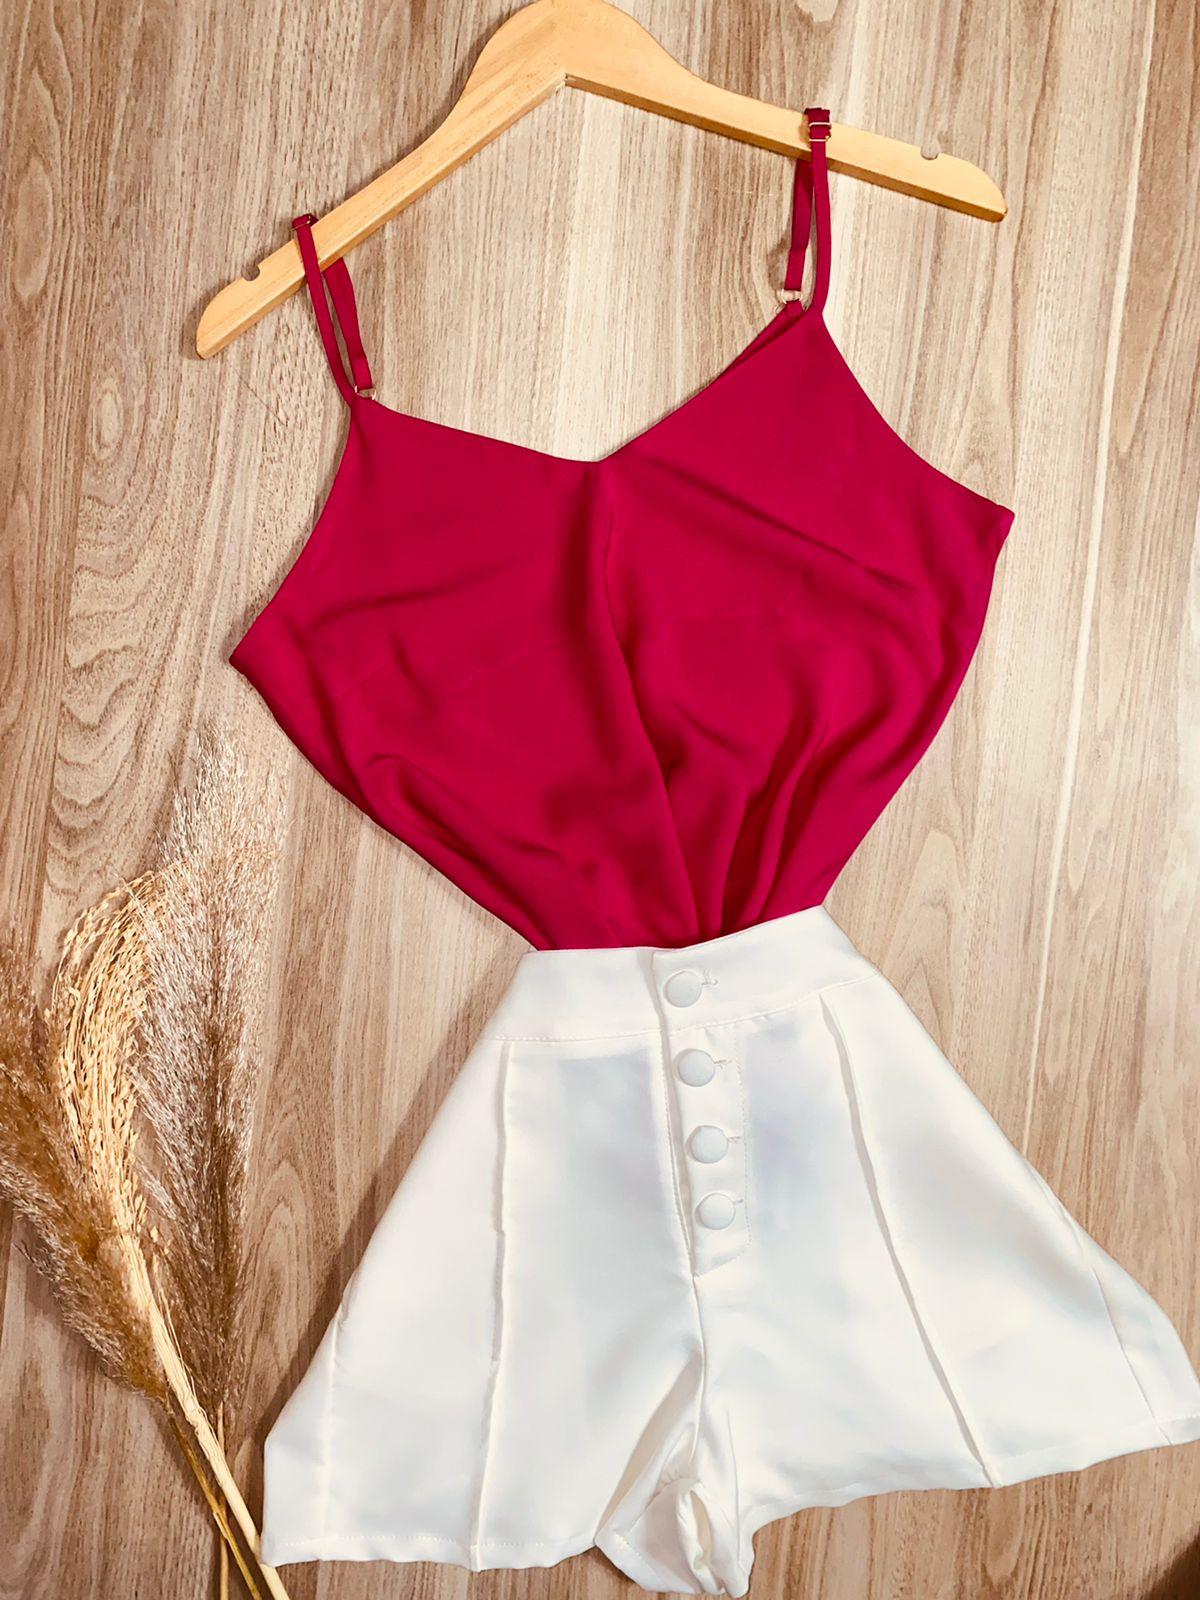 Blusa Alcinha Decote V Top Pink